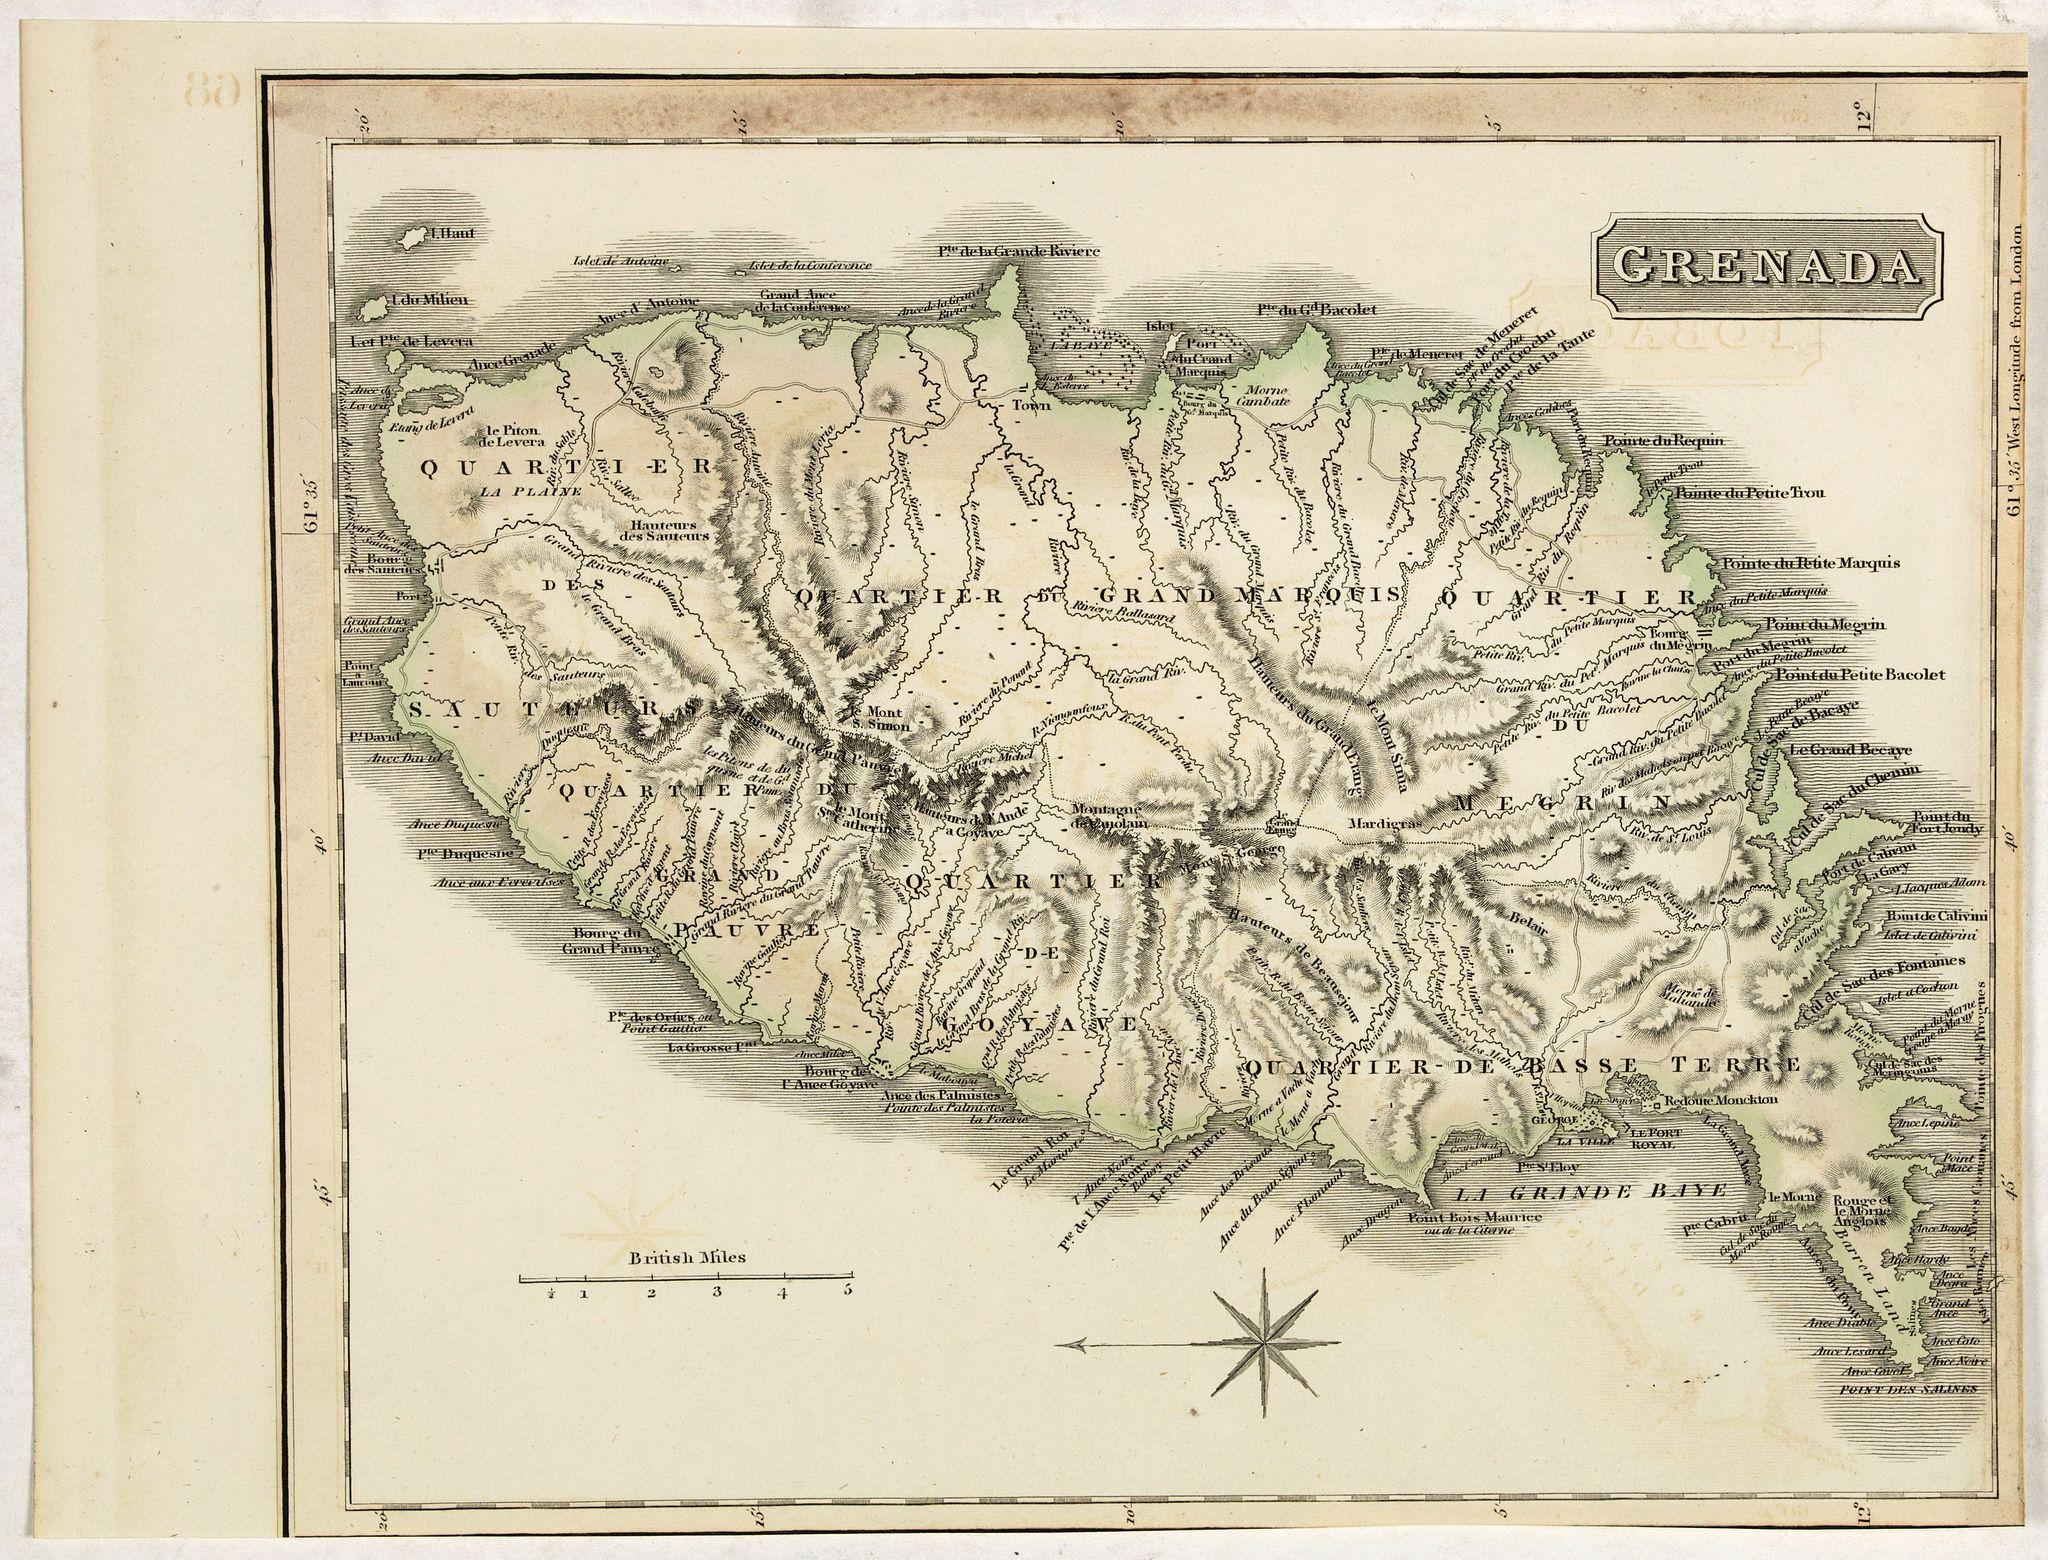 THOMSON, J. -  Grenada.